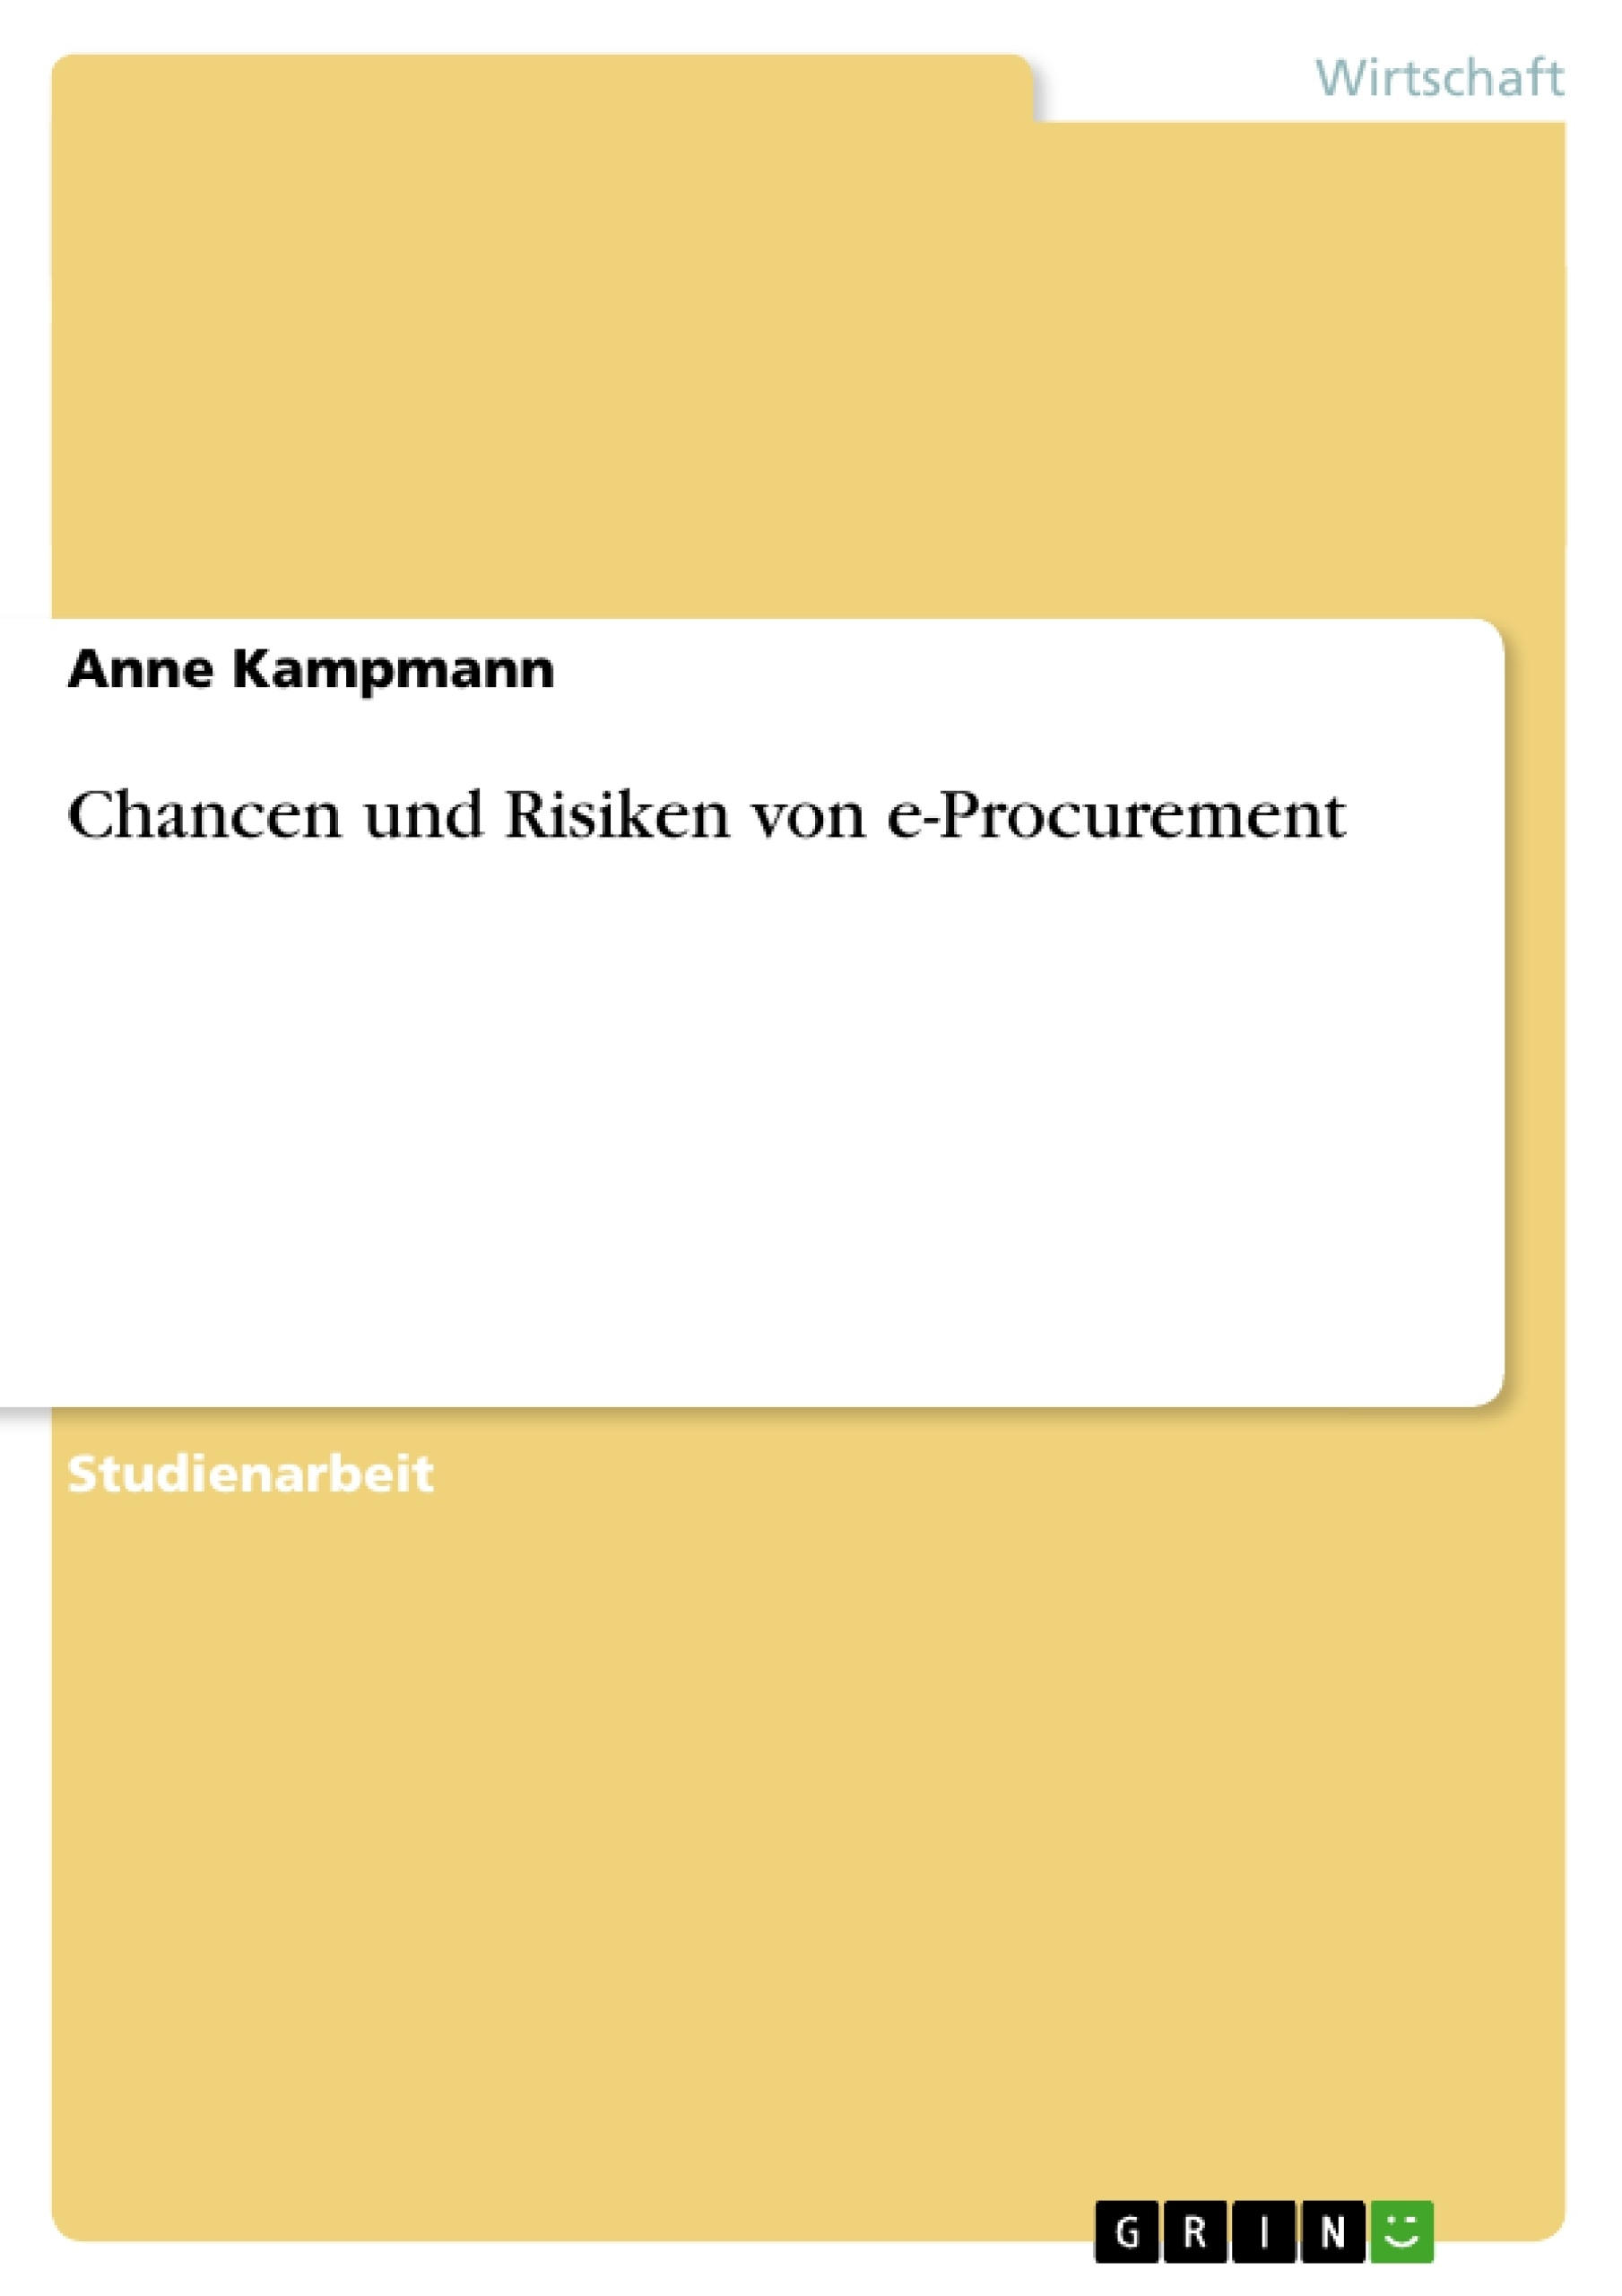 Titel: Chancen und Risiken von e-Procurement